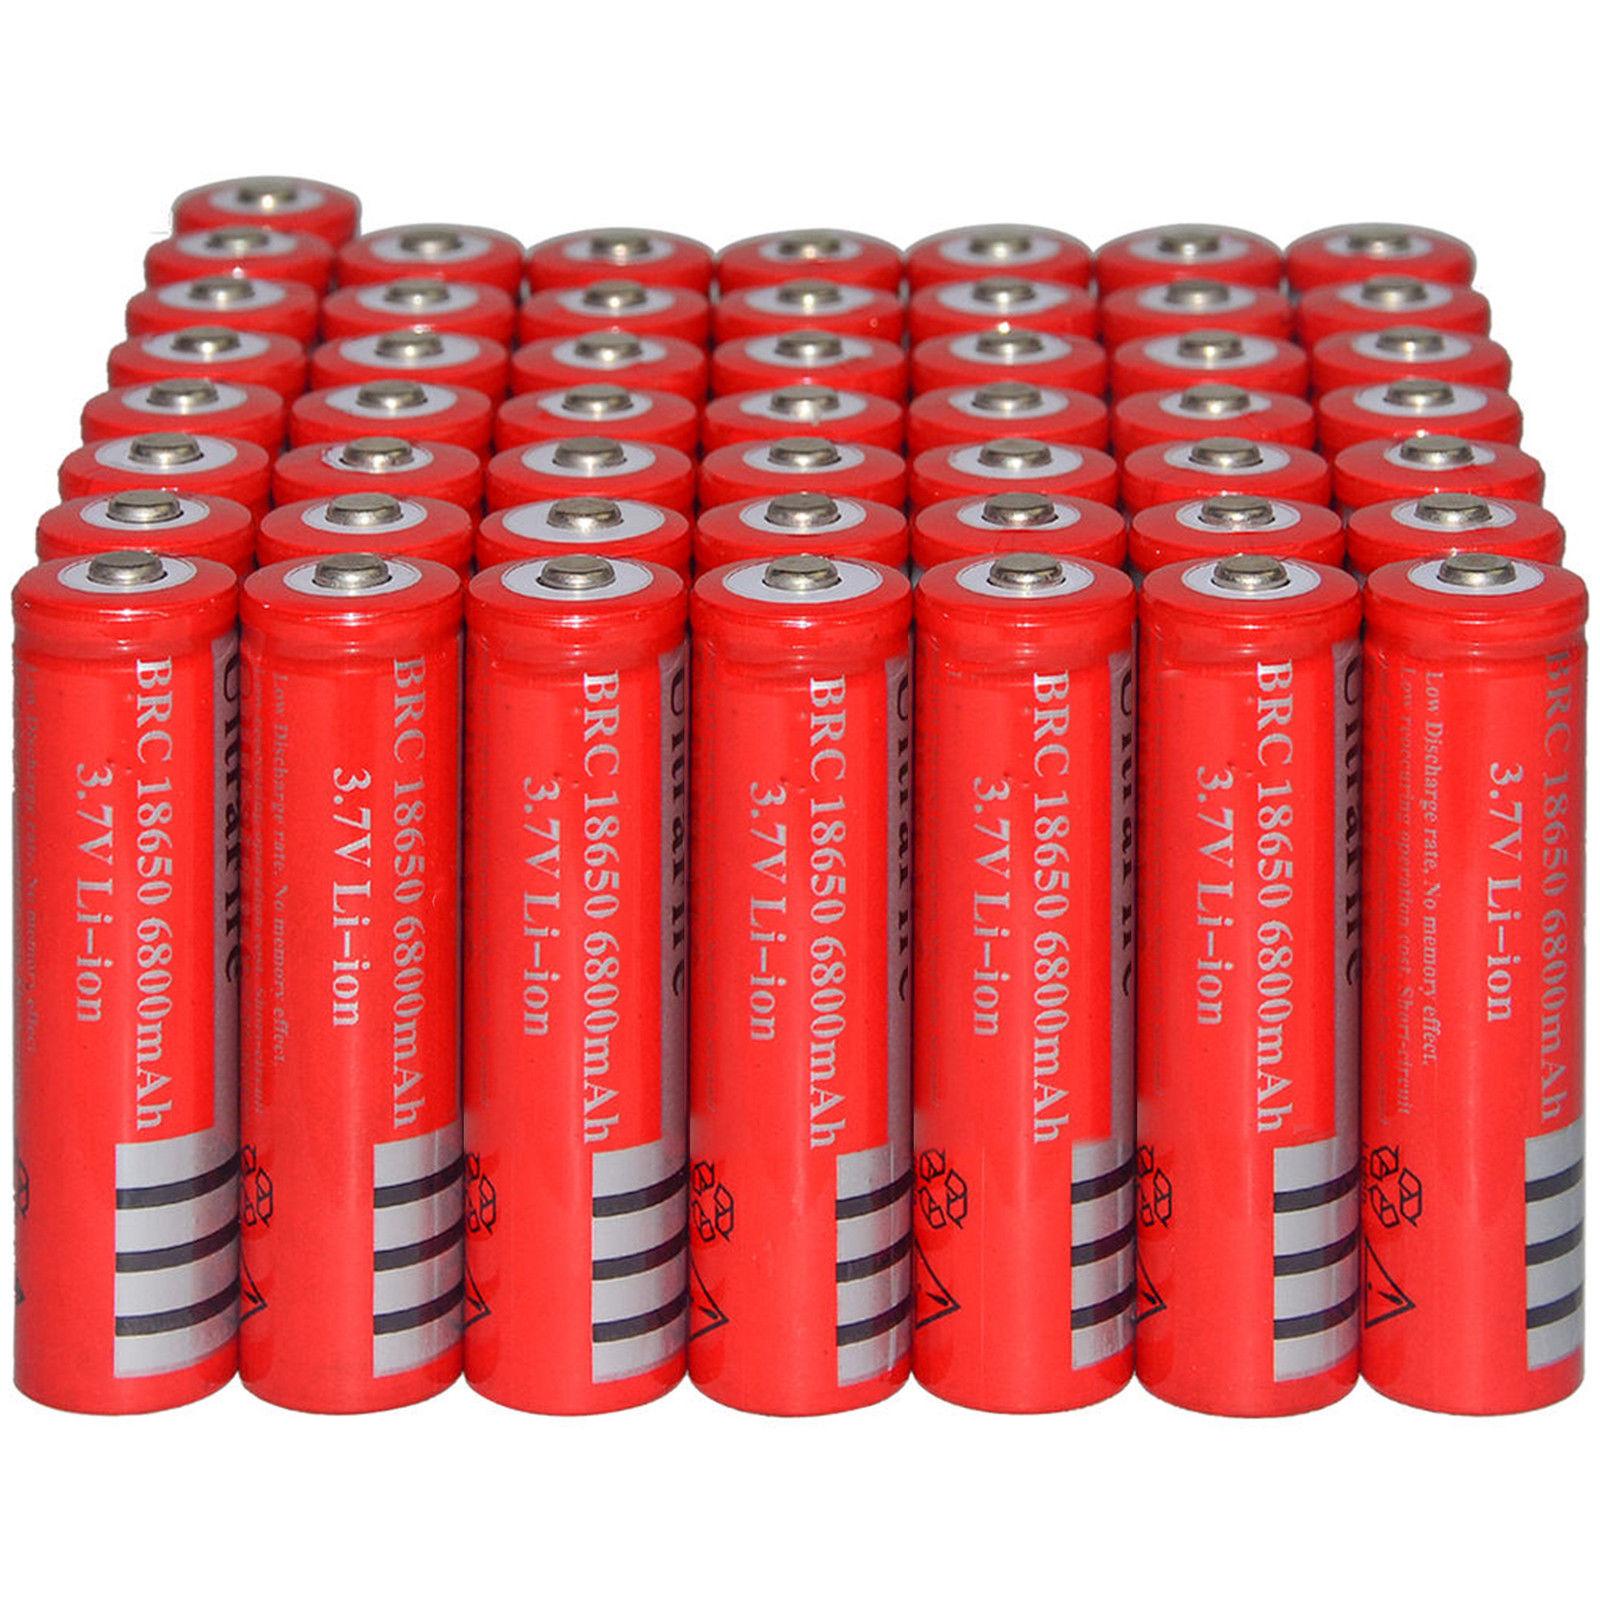 1-10 шт 3,7 V 6800mAh 18650 аккумулятор литий-ионный аккумулятор для фонарика фонарь светодиодный bateria 18650 recargable pilas Cells